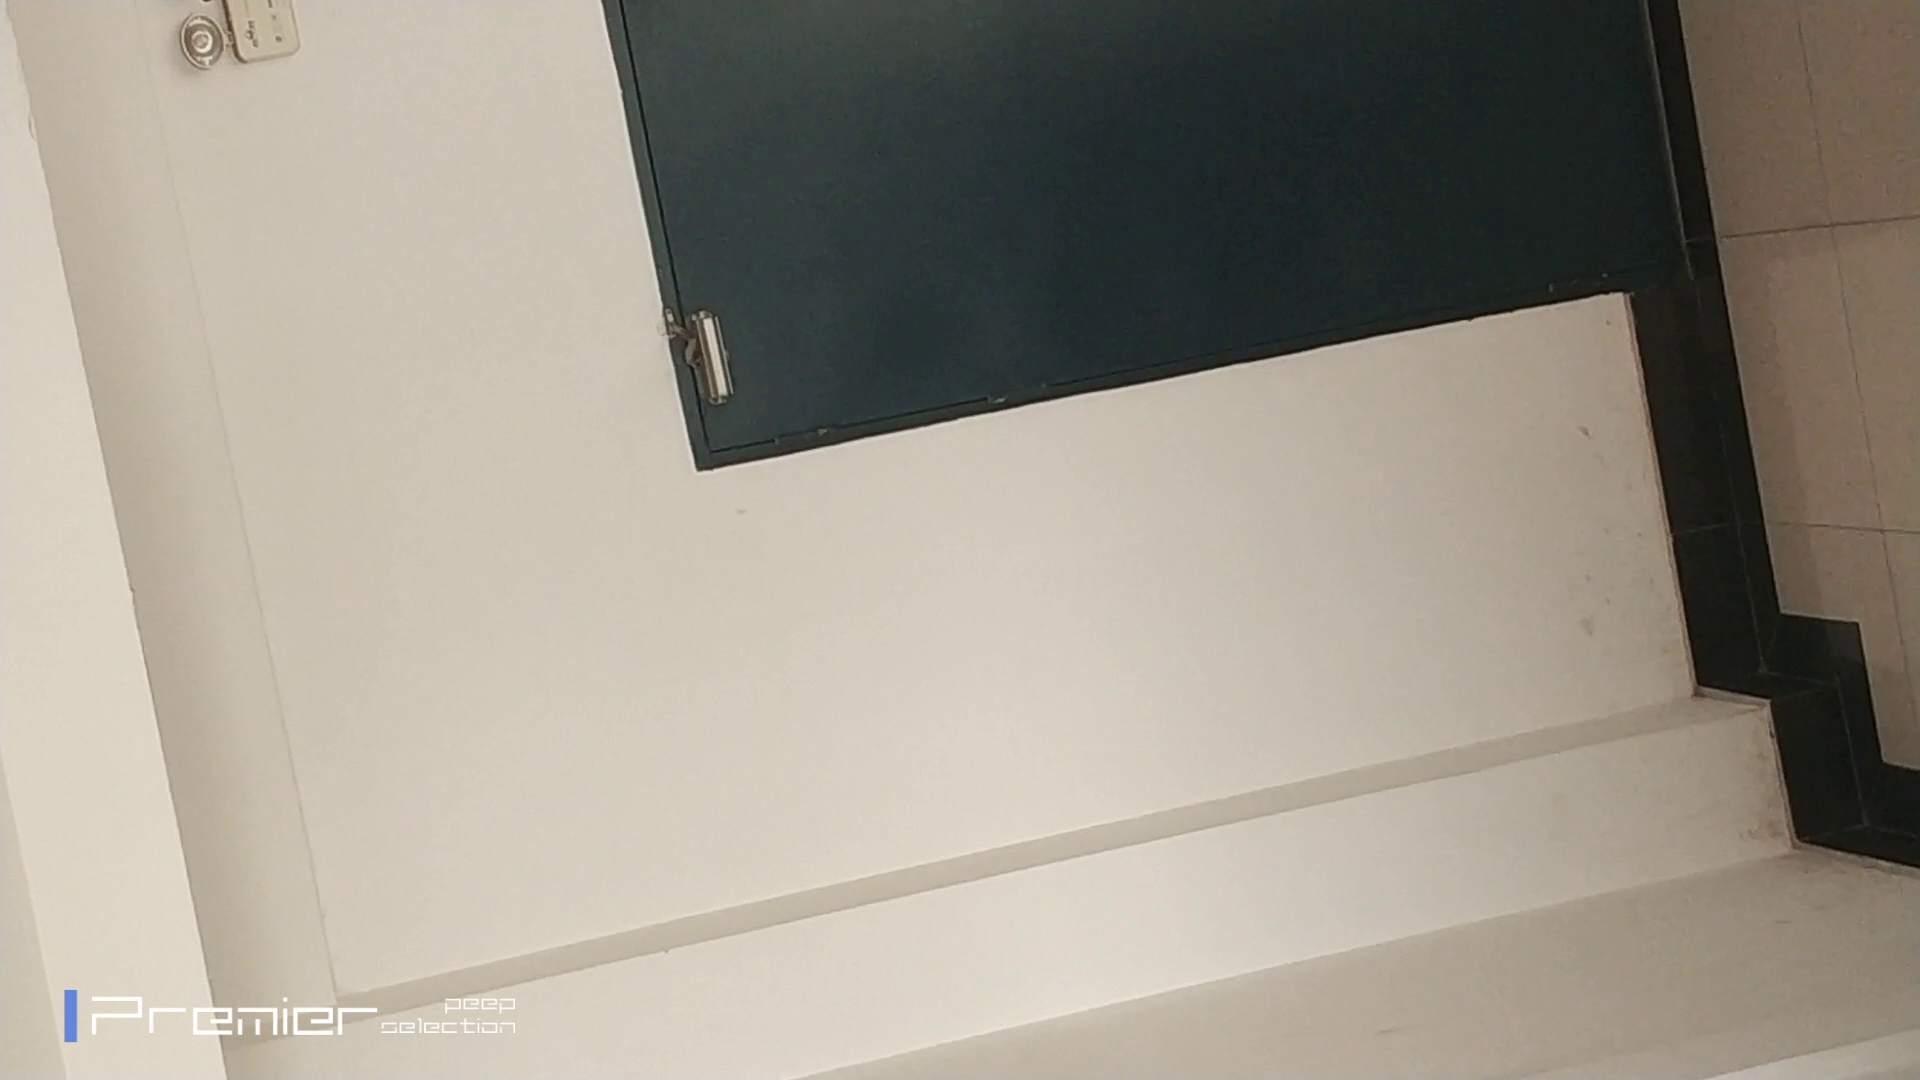 生理用ナプキン交換 大学休憩時間の洗面所事情77 美女達のヌード   お姉さん達のヌード  98連発 98